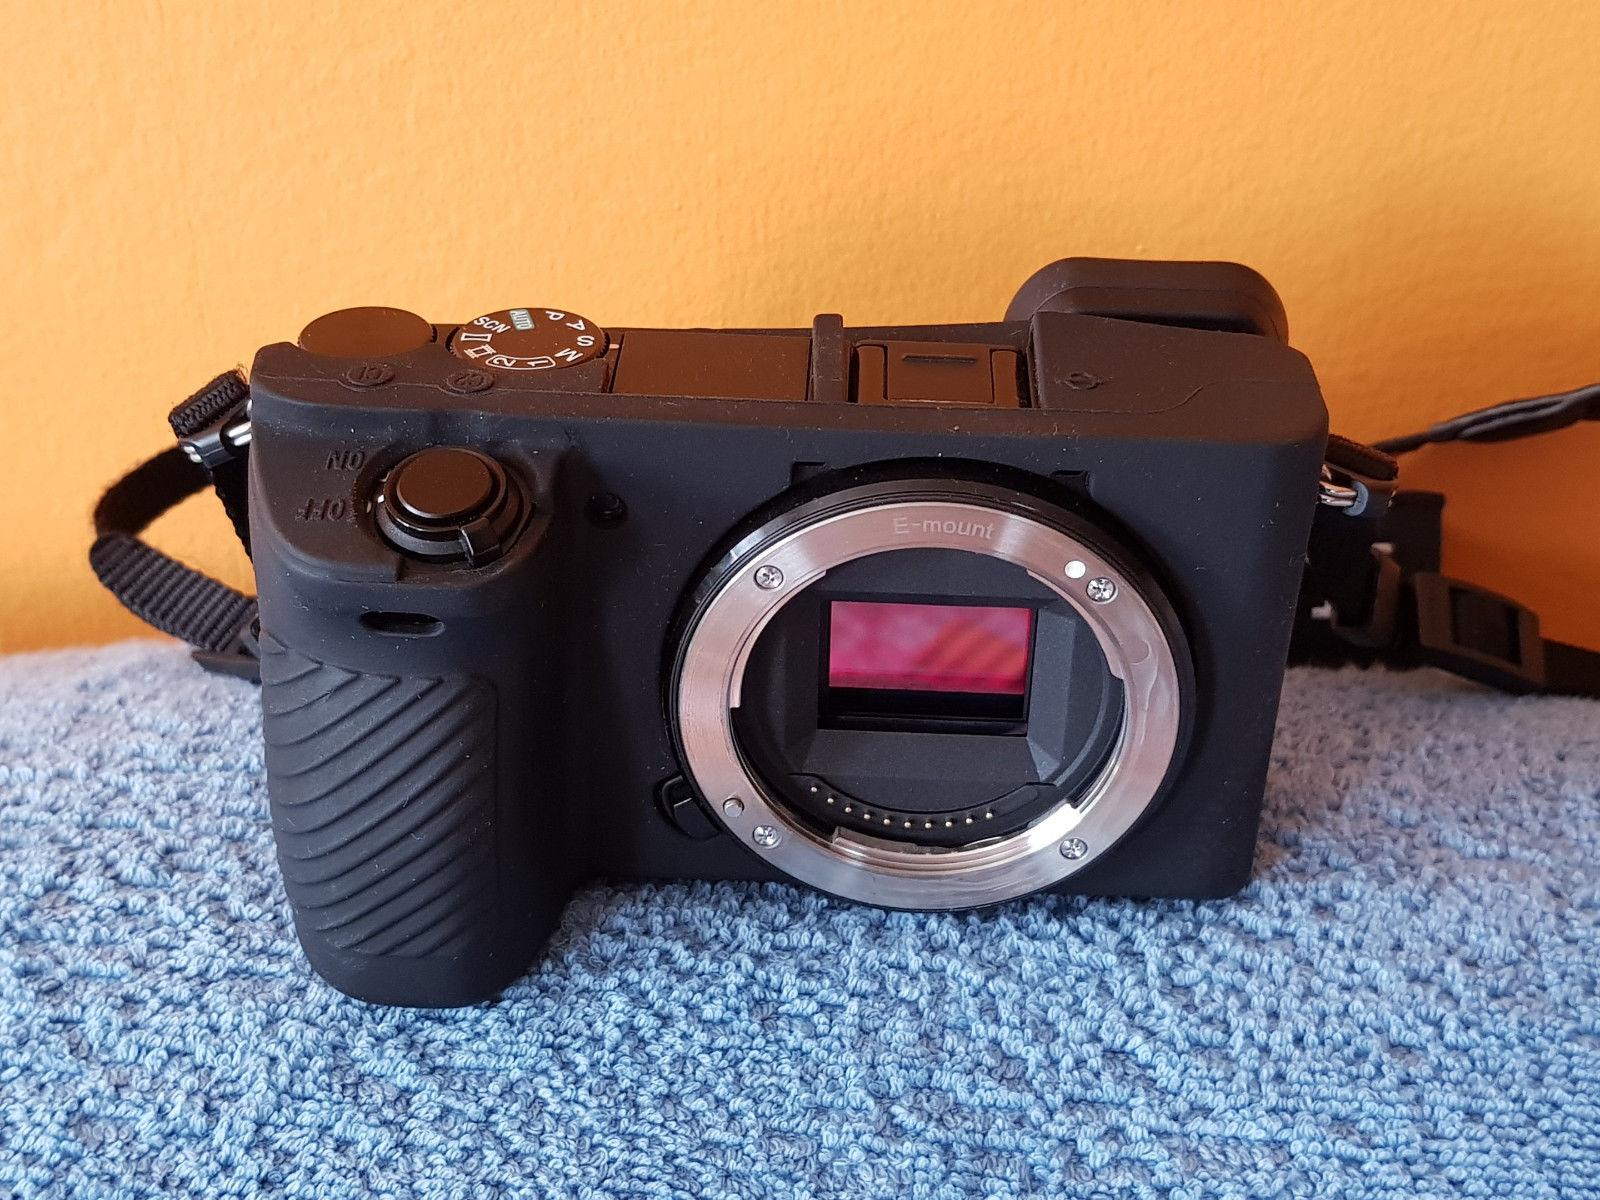 SONY alpha ILCE-6500 24.2 MP Digitalkamera - Schwarz (Nur Gehäuse), wie neu